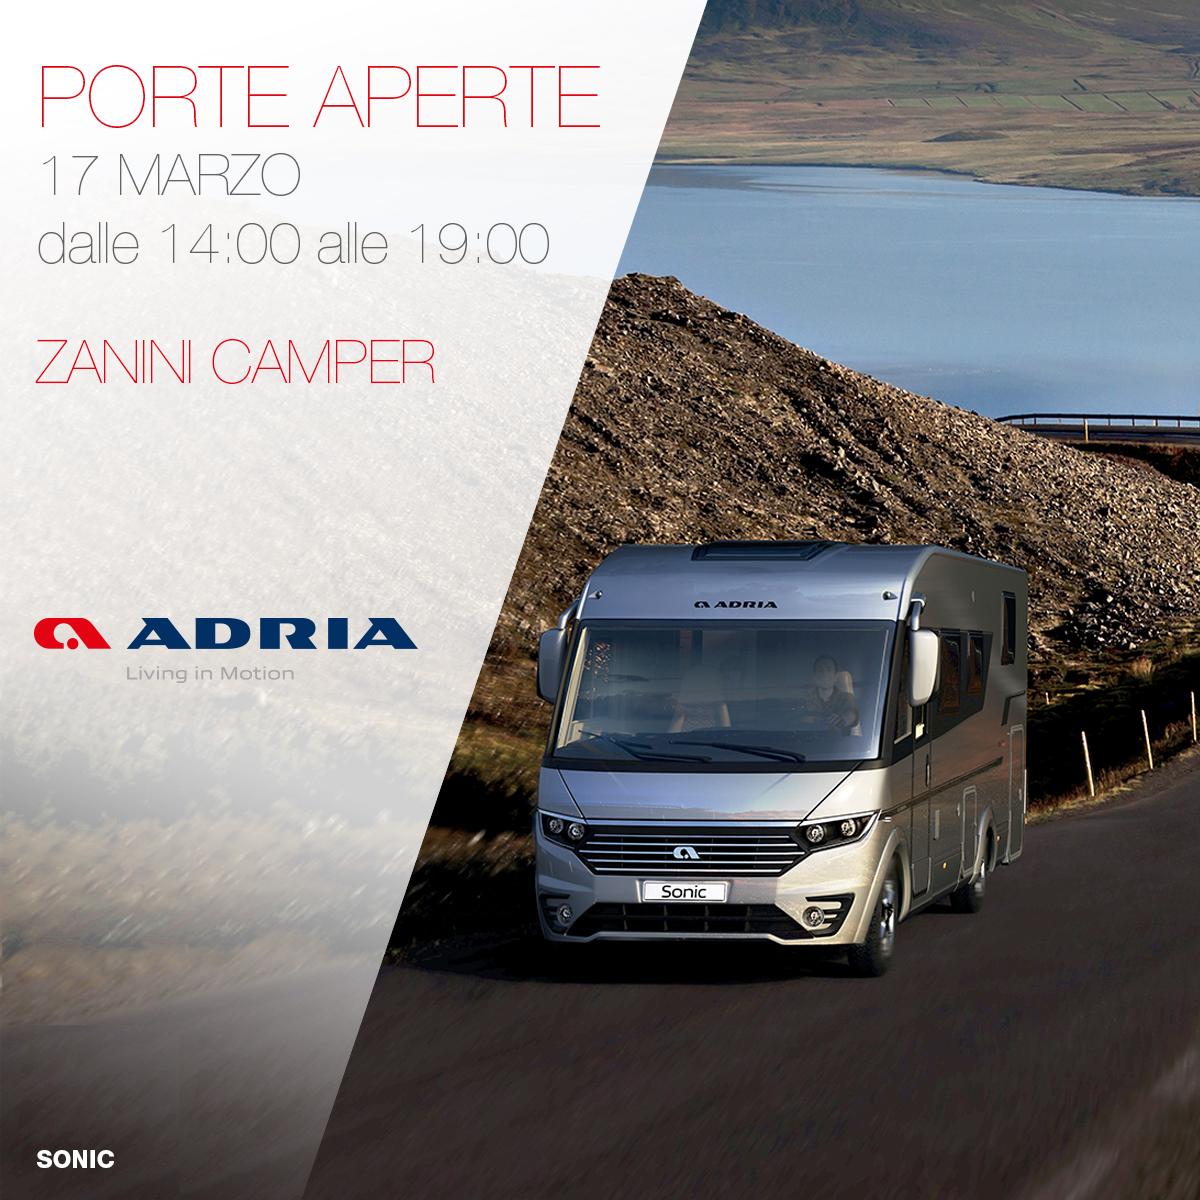 Zanini Camper Porte Aperte Domenica 17 Marzo